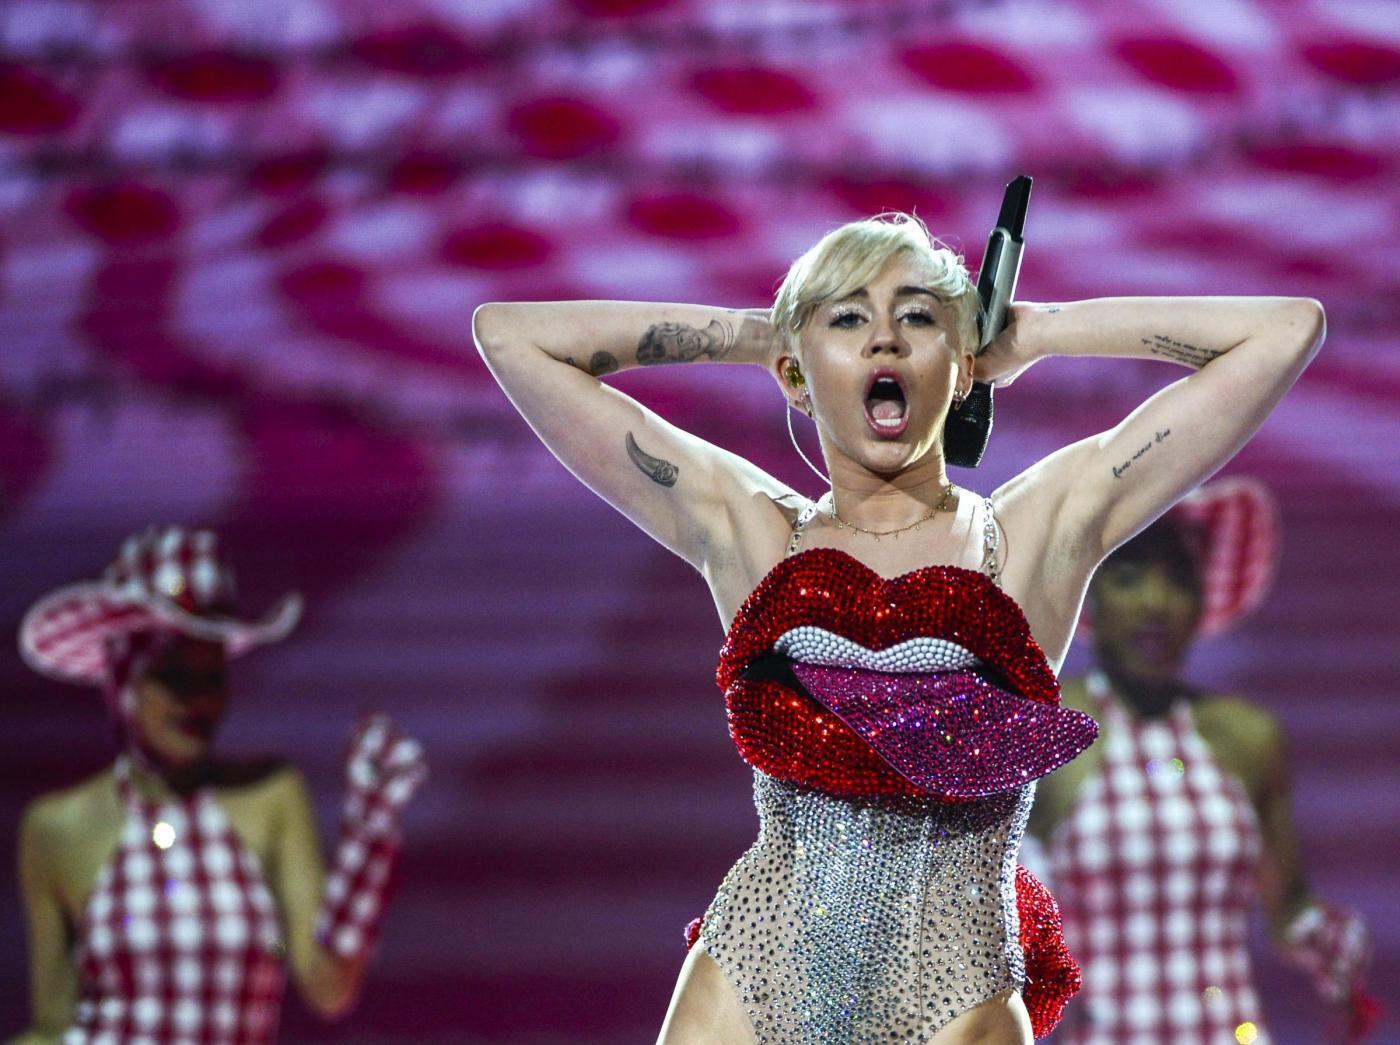 Miley Cyrus a Milano: scaletta e video del concerto più scandaloso dell'anno